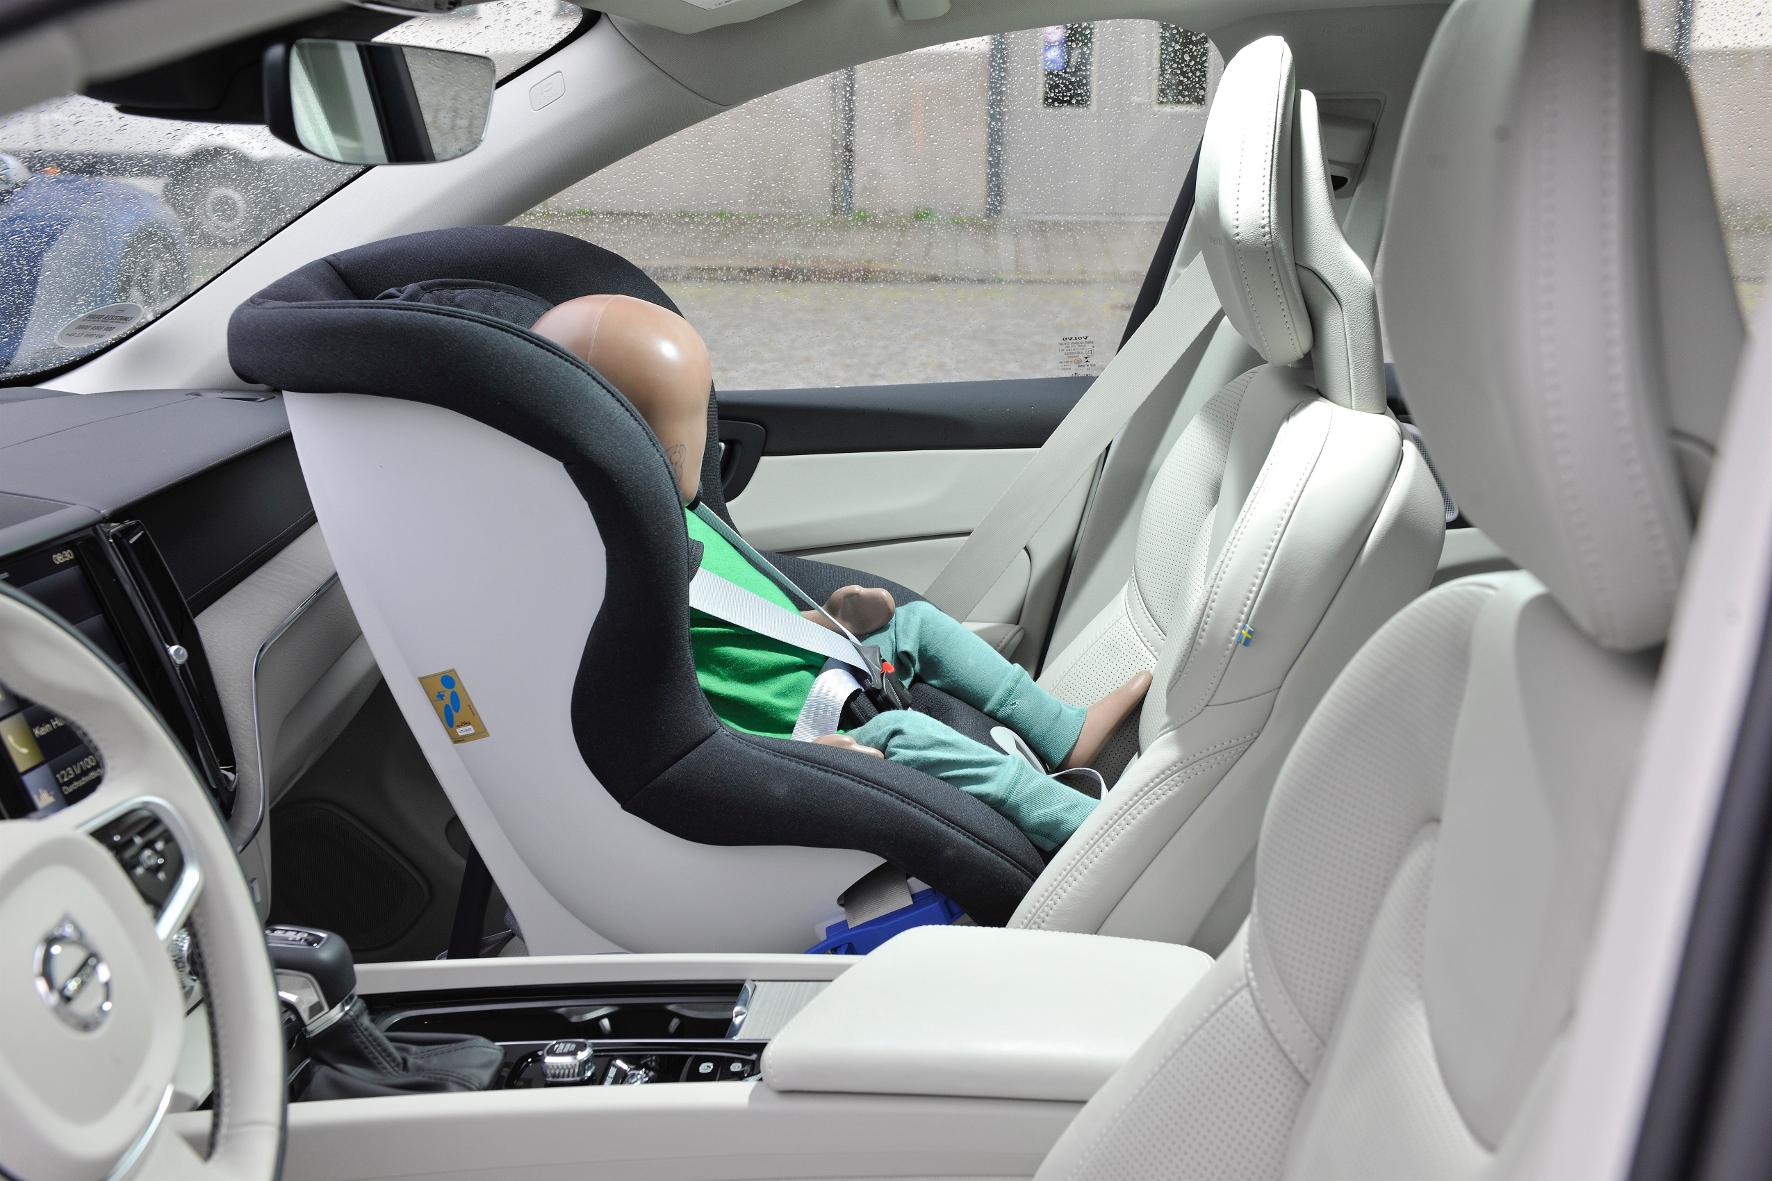 neue kindersitze von volvo und britax römer – die testfahrer - auto